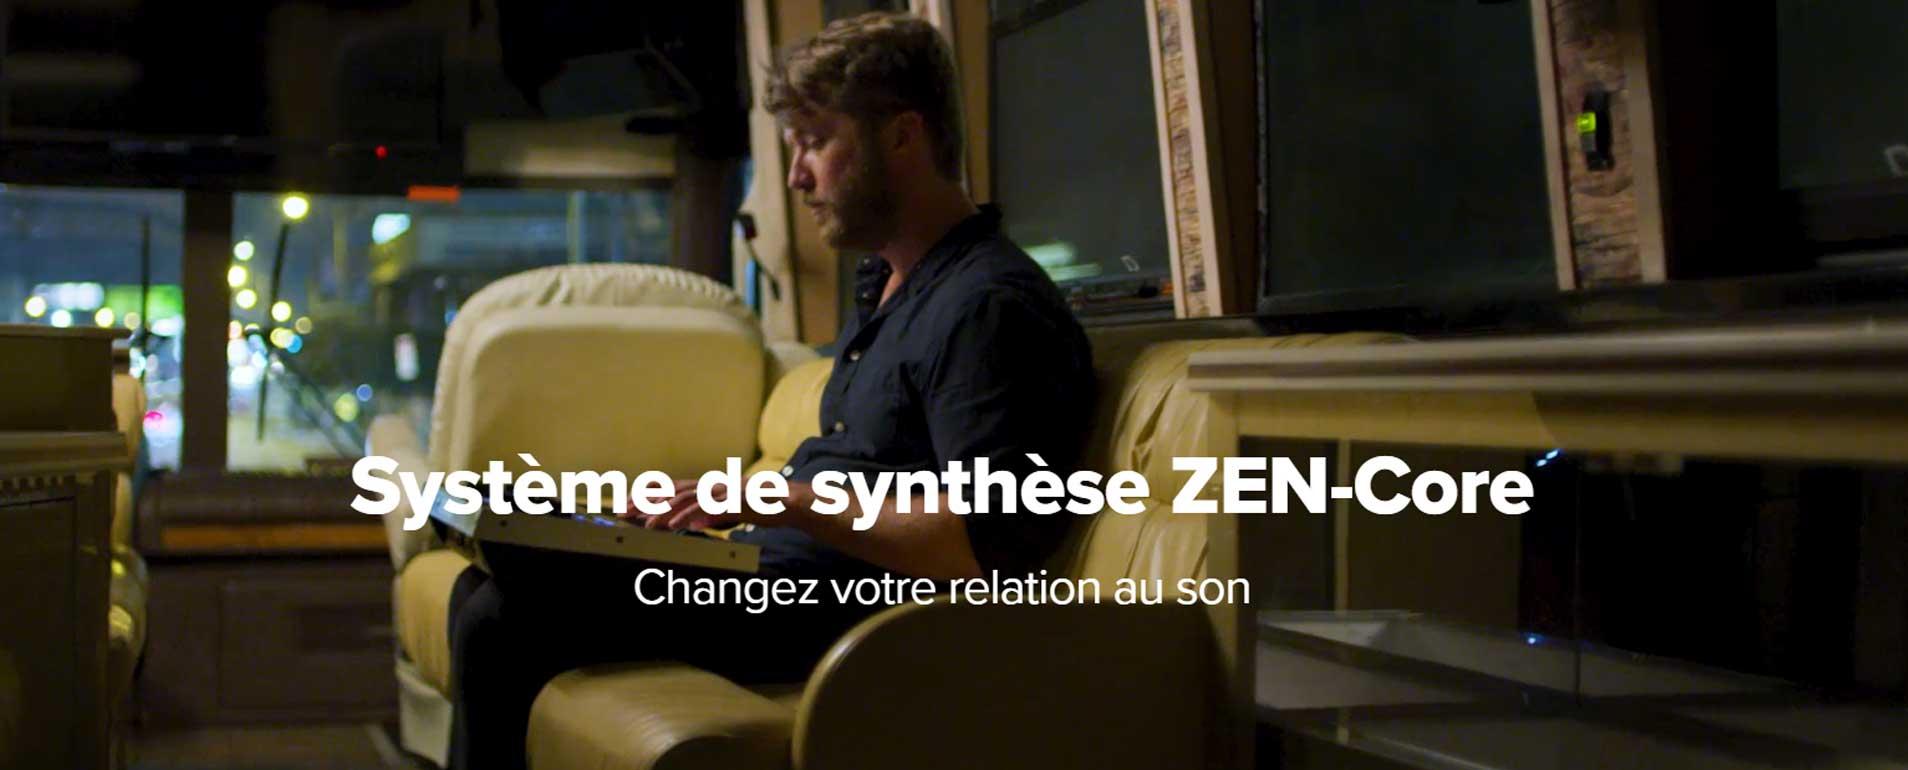 Musique Electronique, voici la Technologie Roland ZENCORE